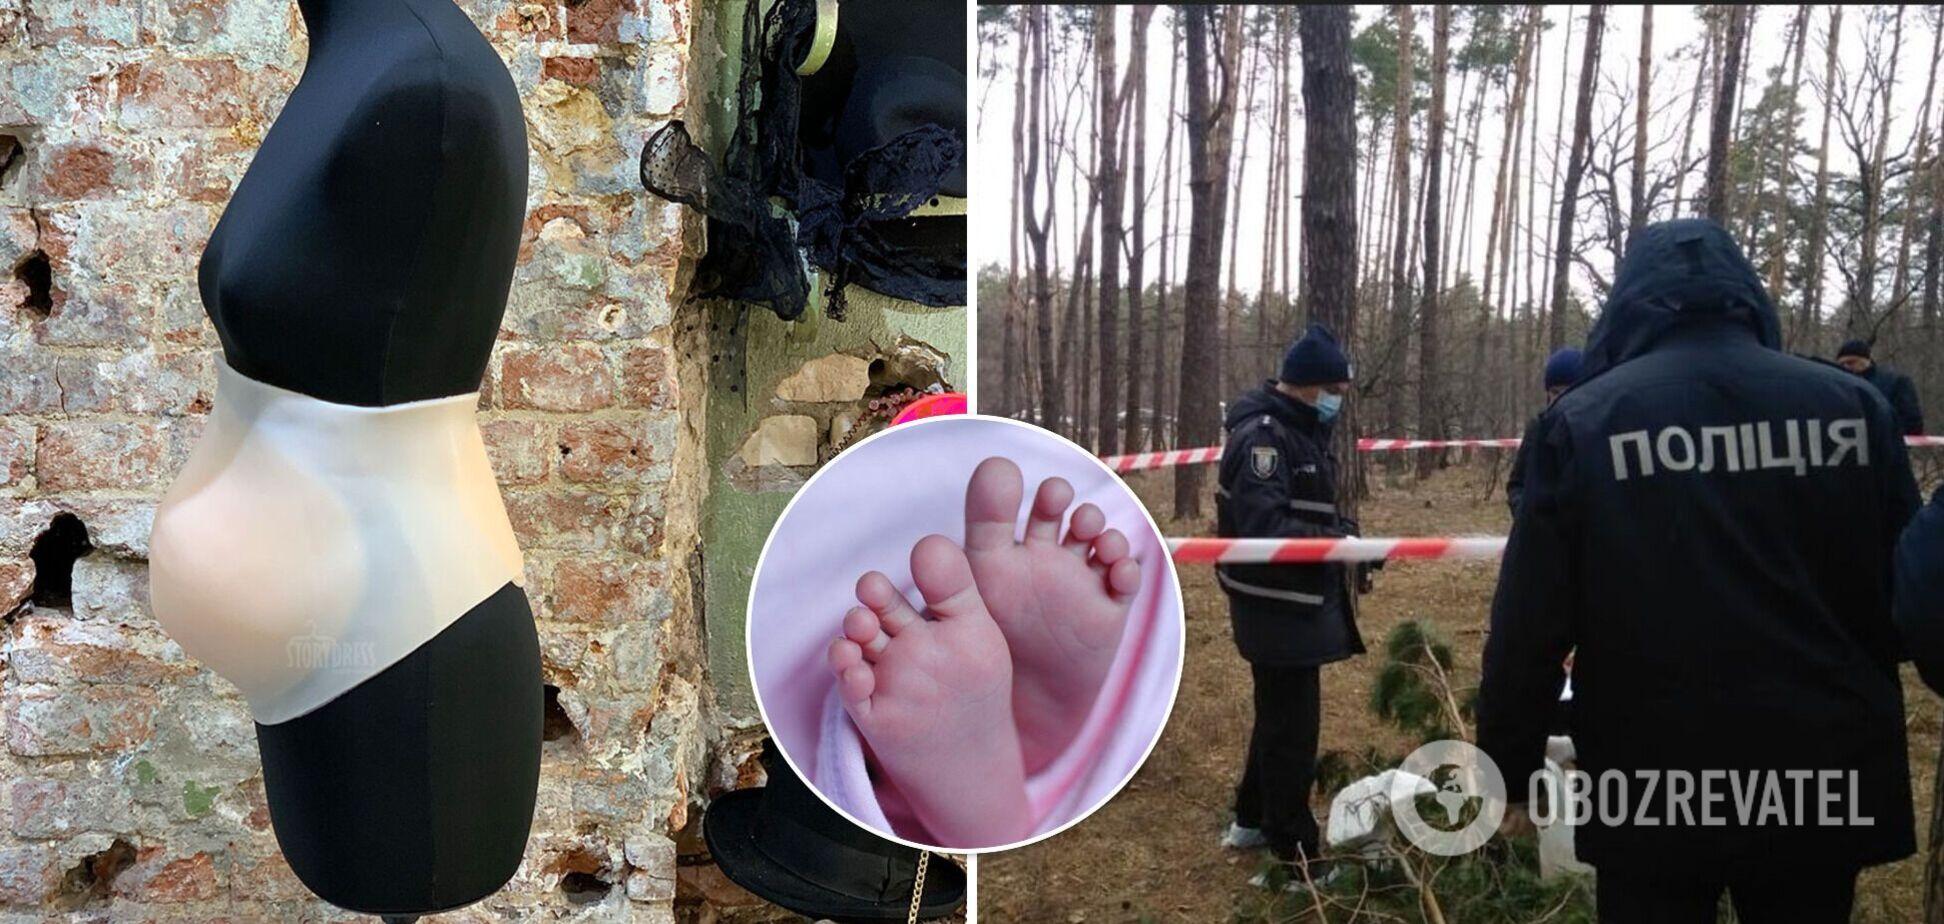 Втратила дитину й імітувала вагітність: жительку Житомира підозрюють у вбивстві новонародженого